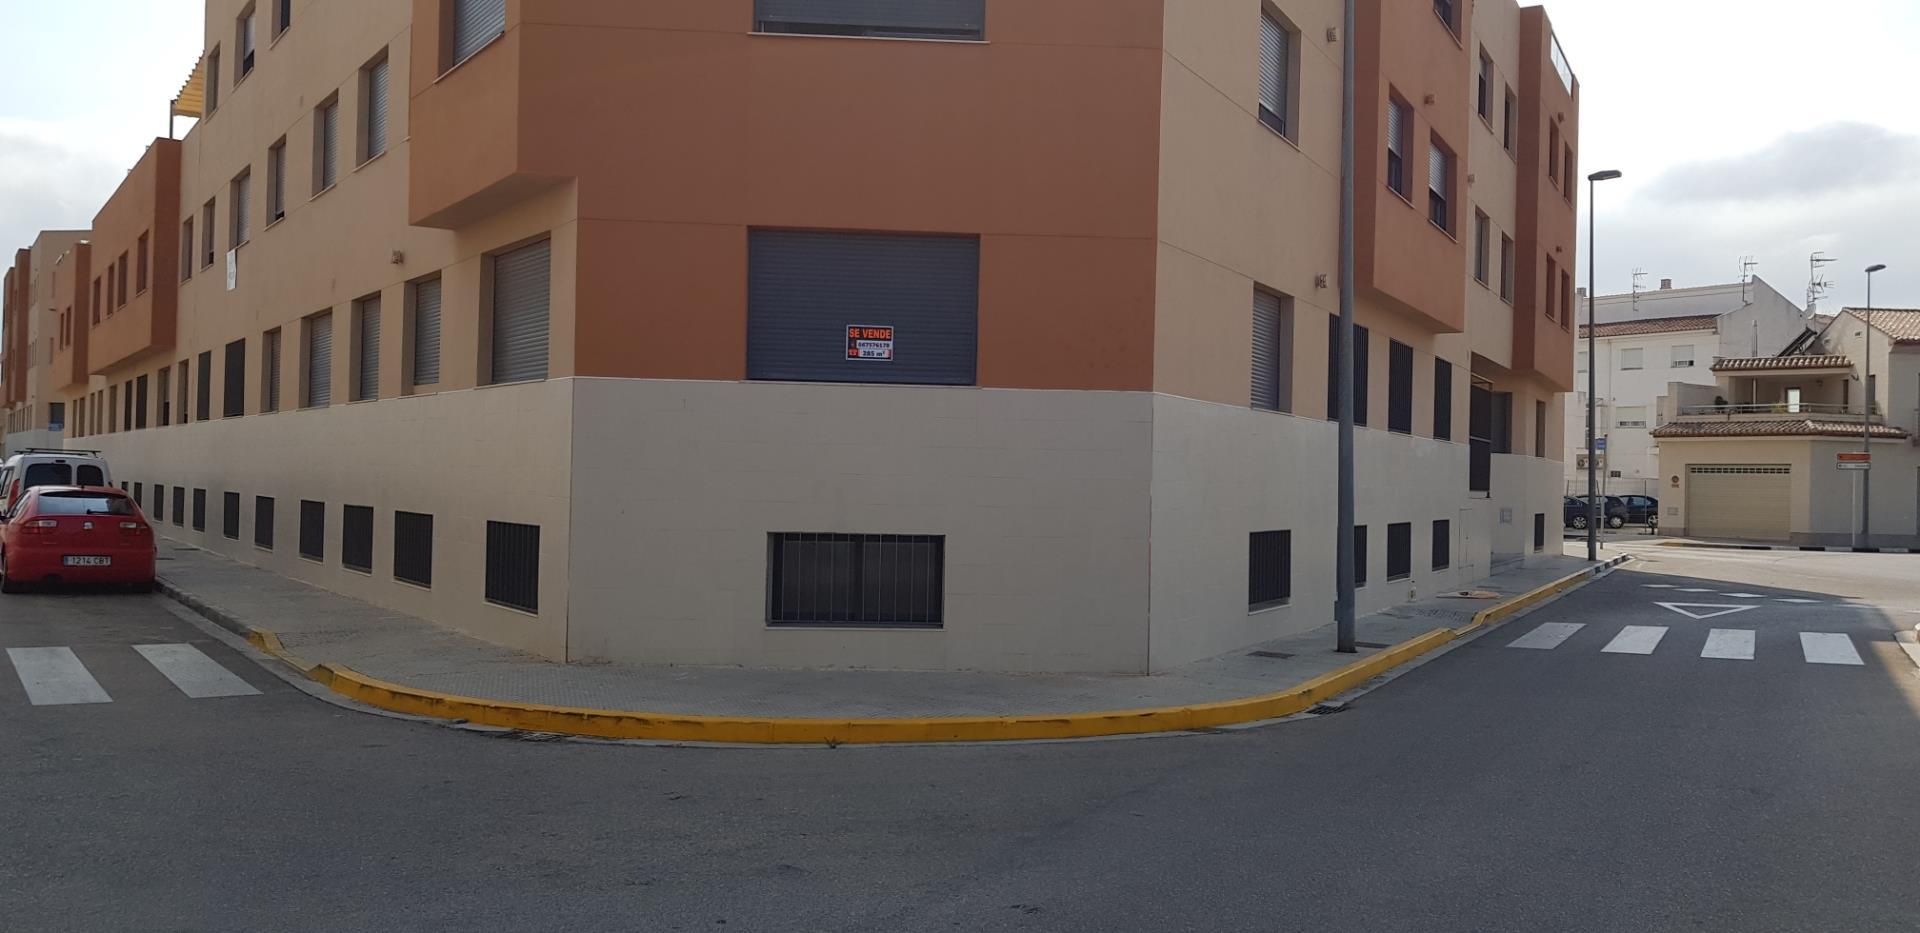 Duplex in Almoines. Almoines